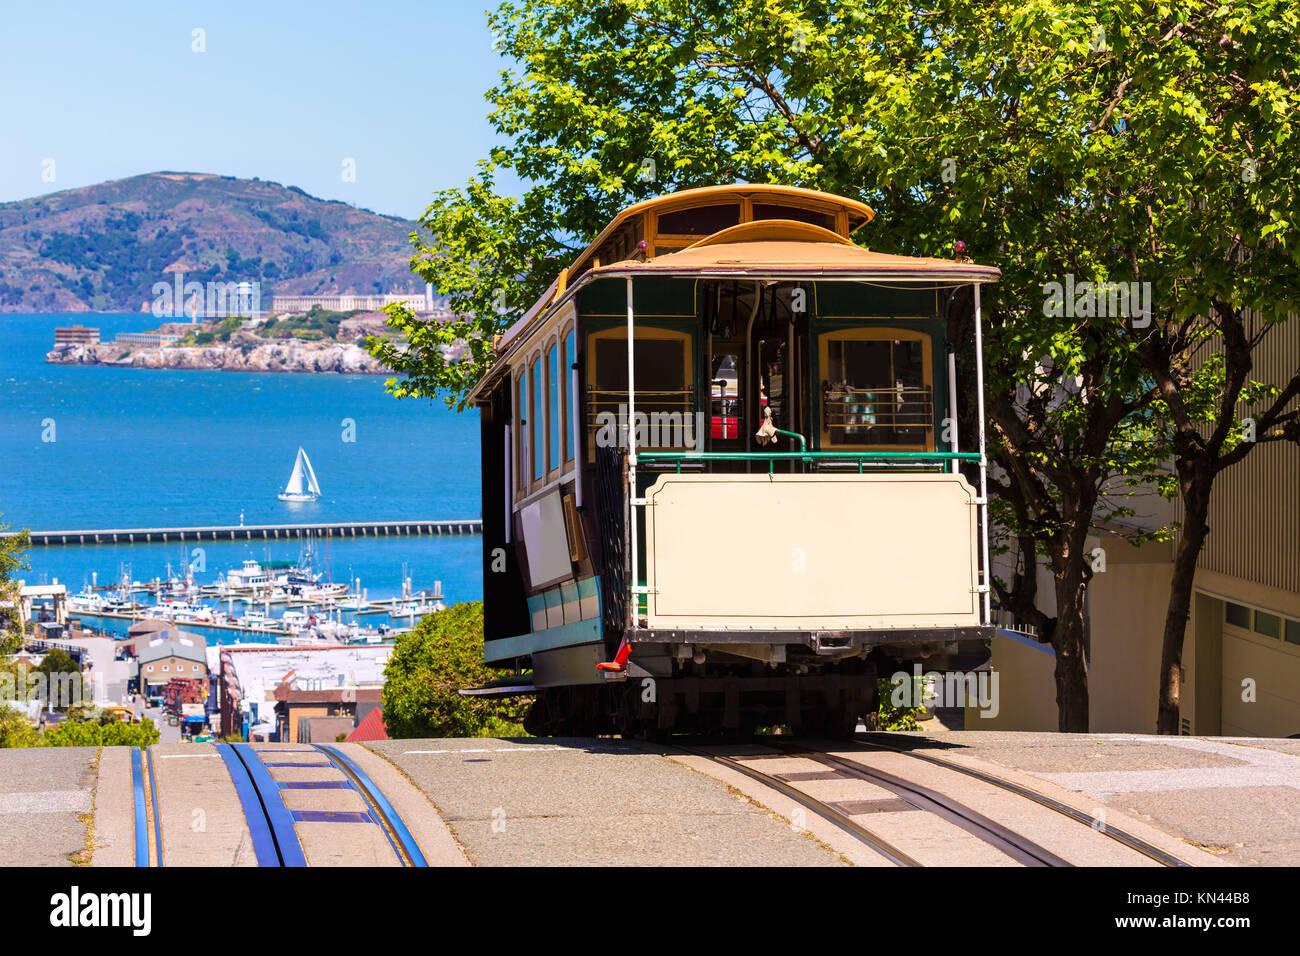 Hyde Street San Francisco Cable Car le tram de la Powell-Hyde en Californie, États-Unis. Photo Stock